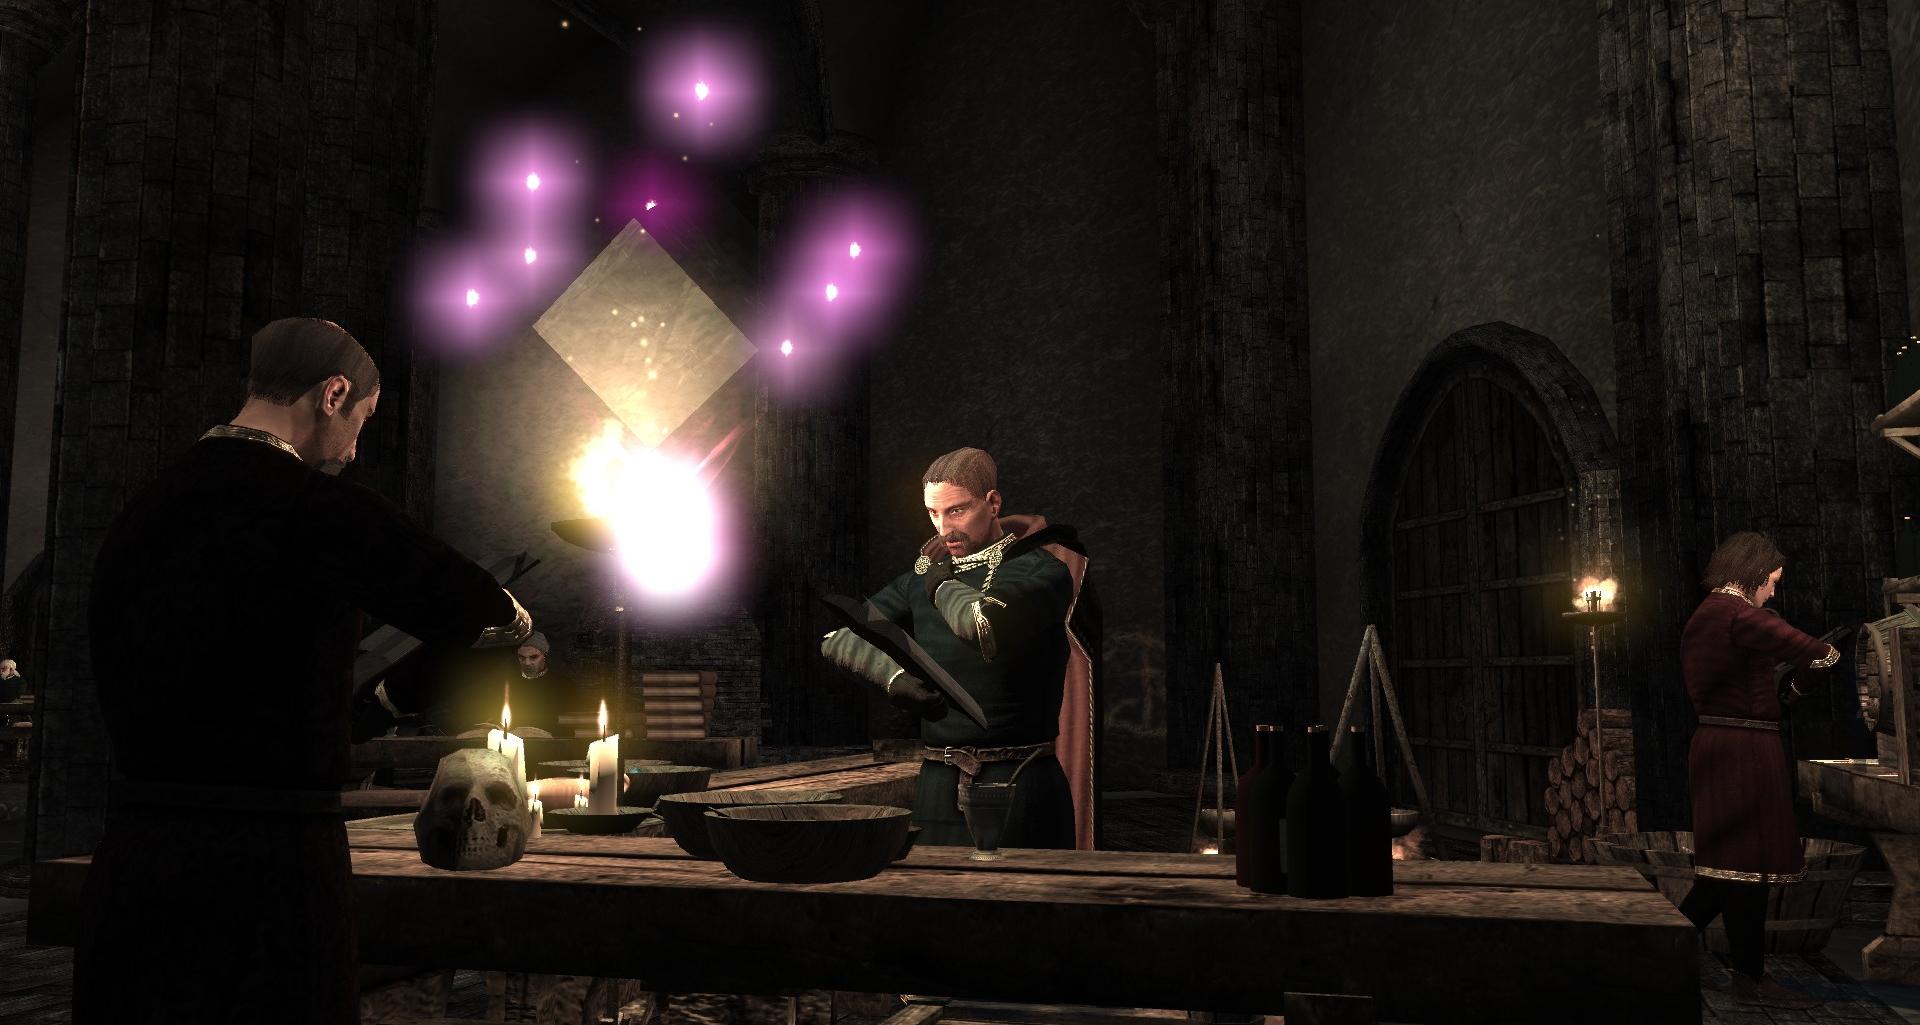 [SP][EN] Age of Sword and Sorcery 20200229113211_1